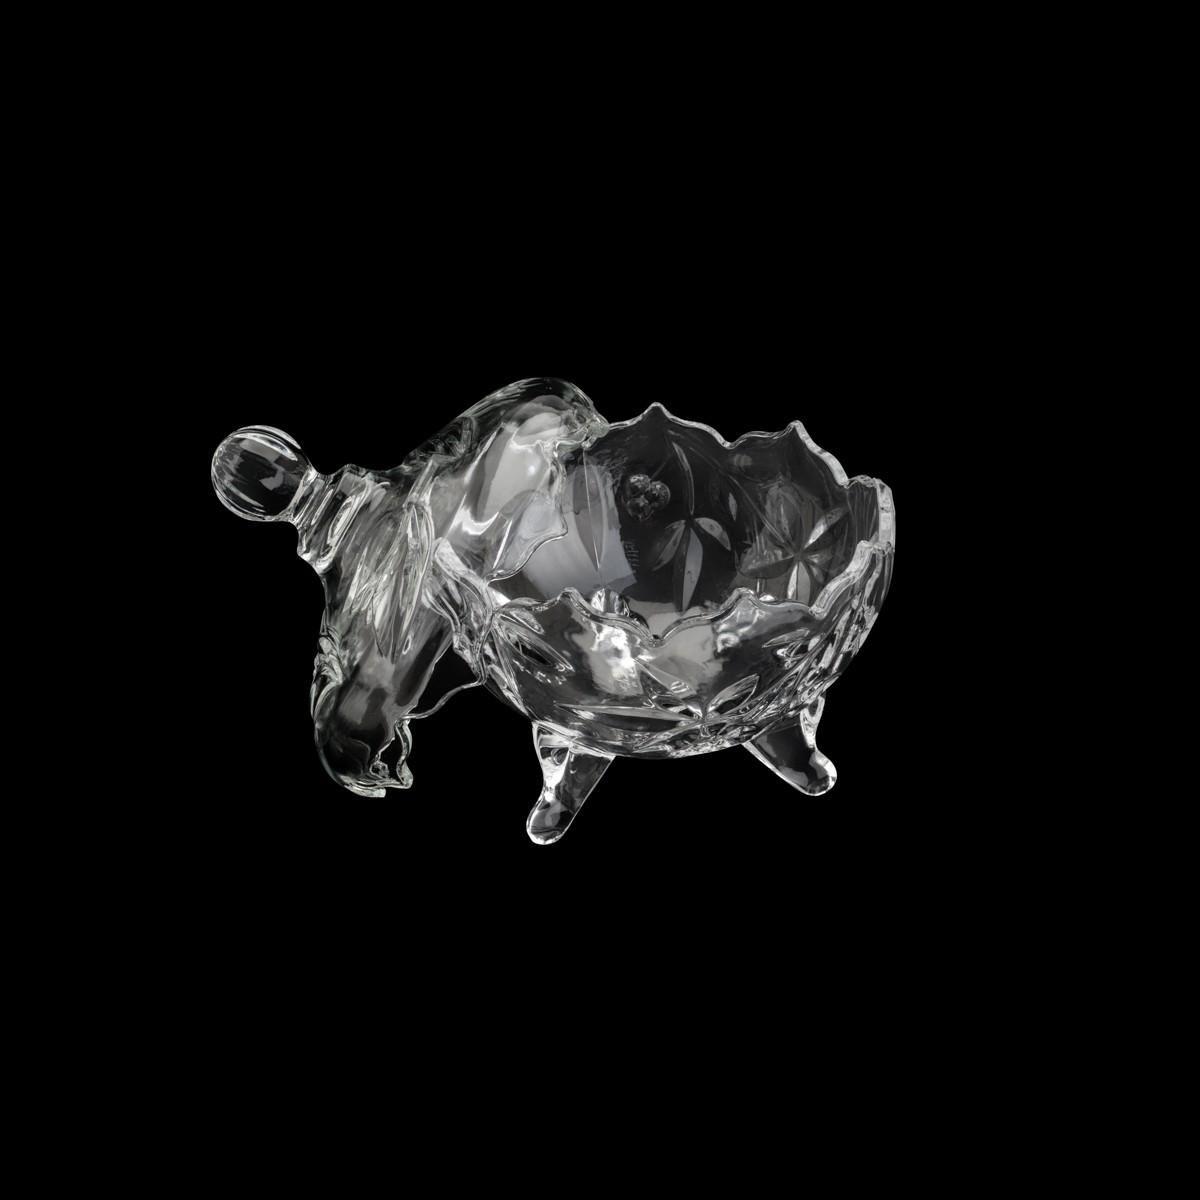 Bomboniere / Potiche Com pé De Cristal de Chumbo Fruit 14 x 17,5 cm